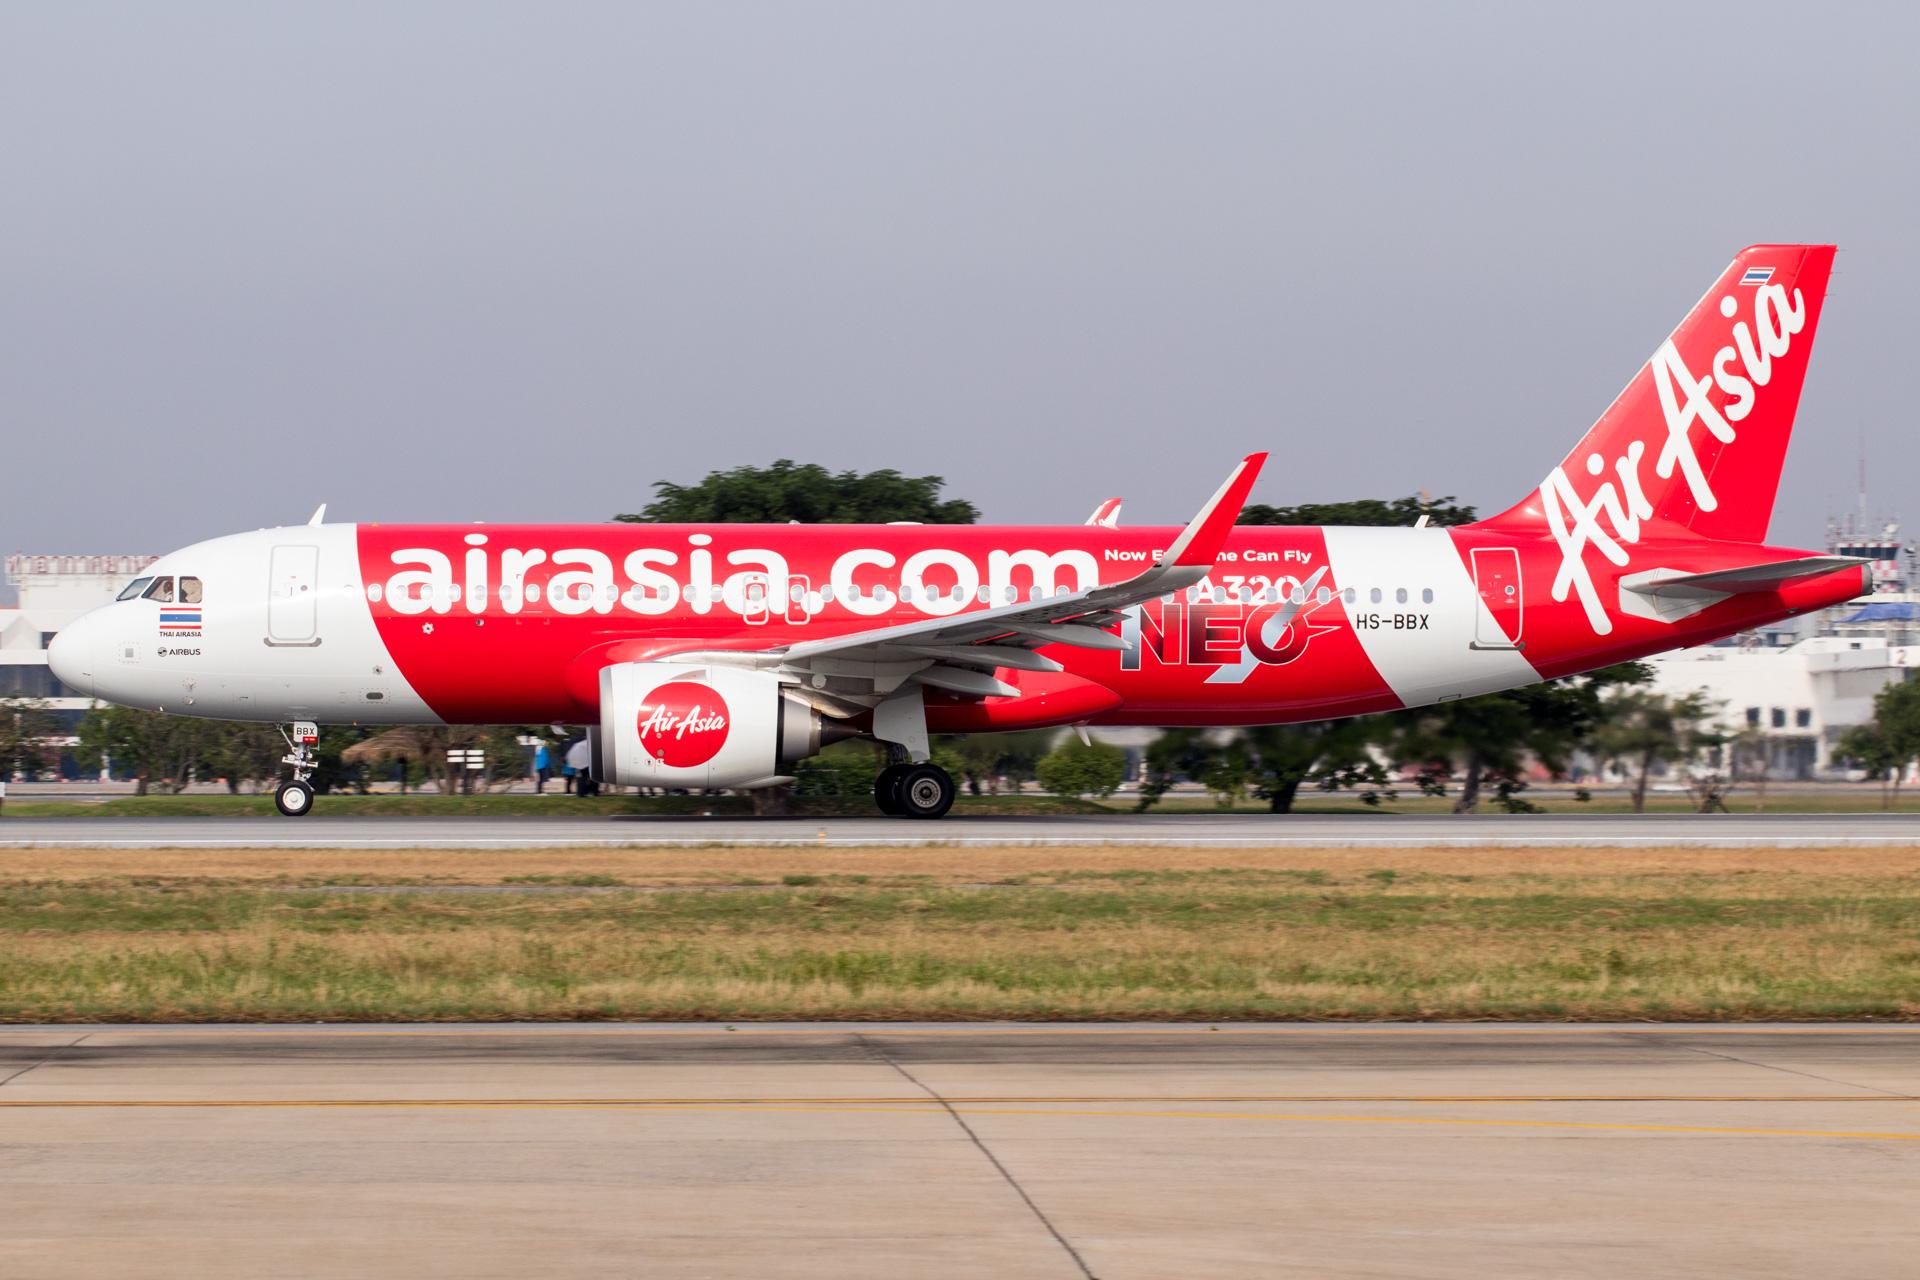 Air Asia Airbus A320neo